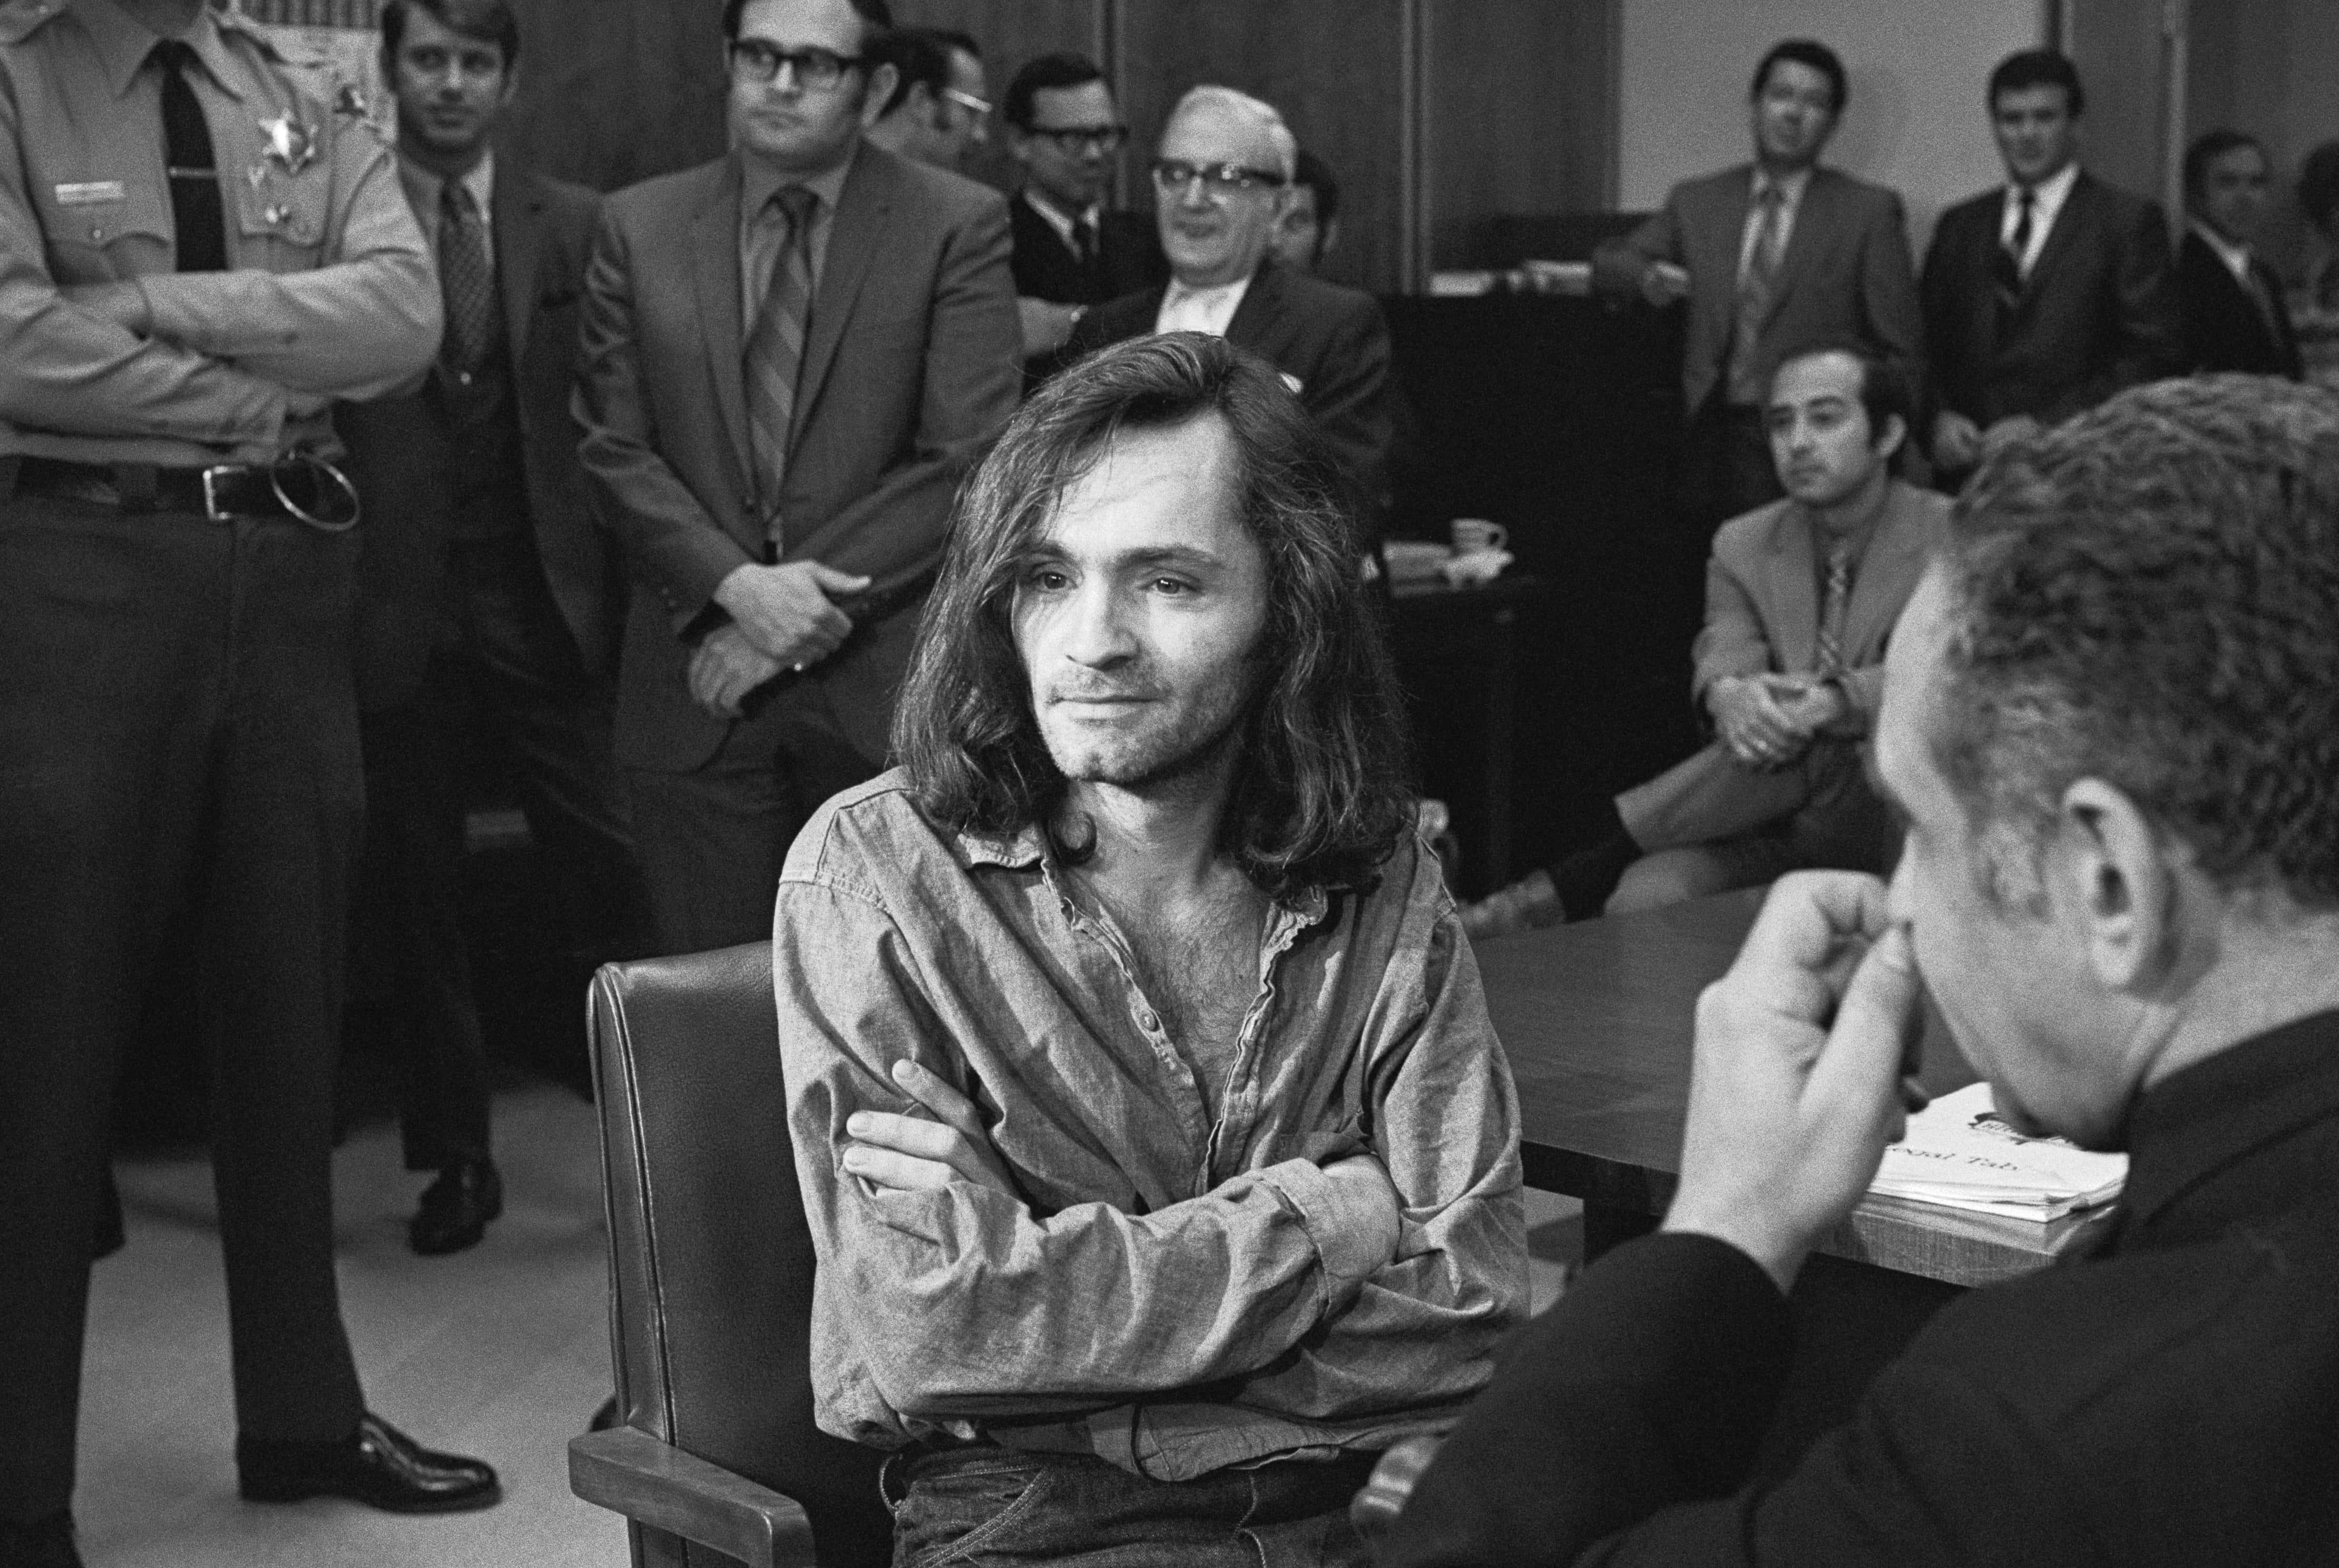 Charles Manson in Court.